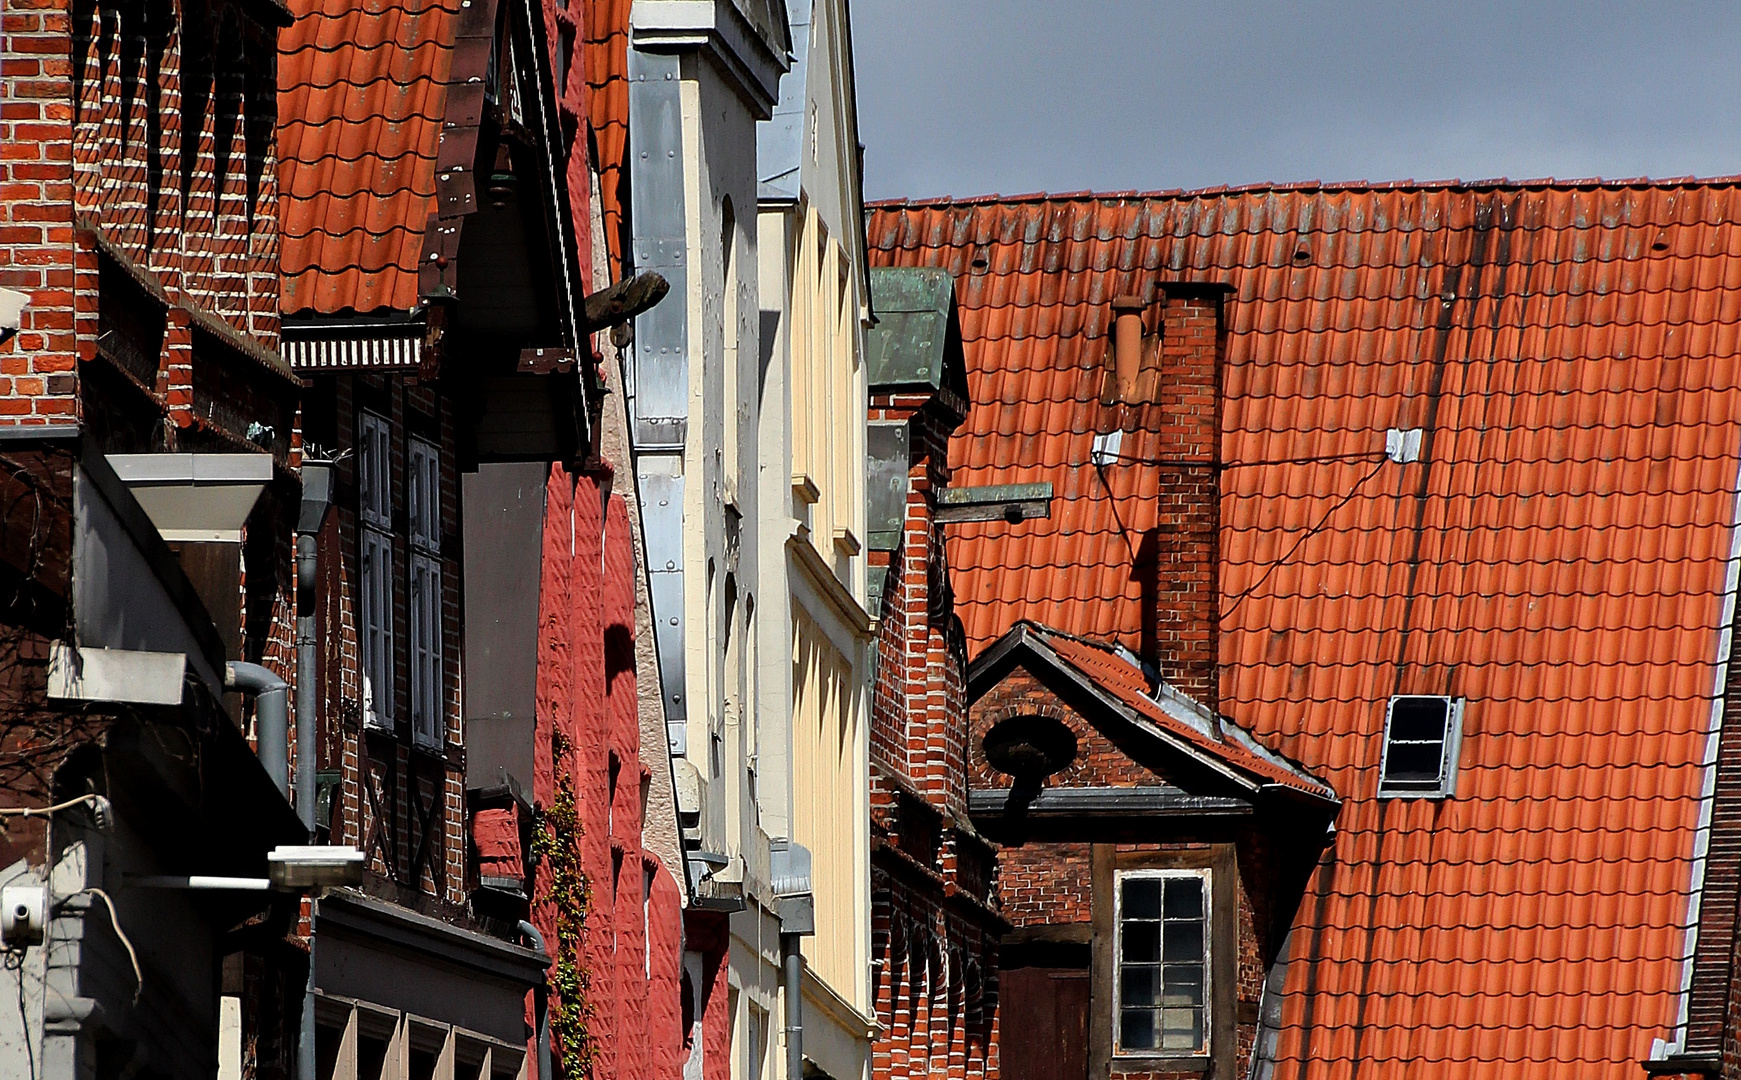 Schöne Ecken in Lüneburg